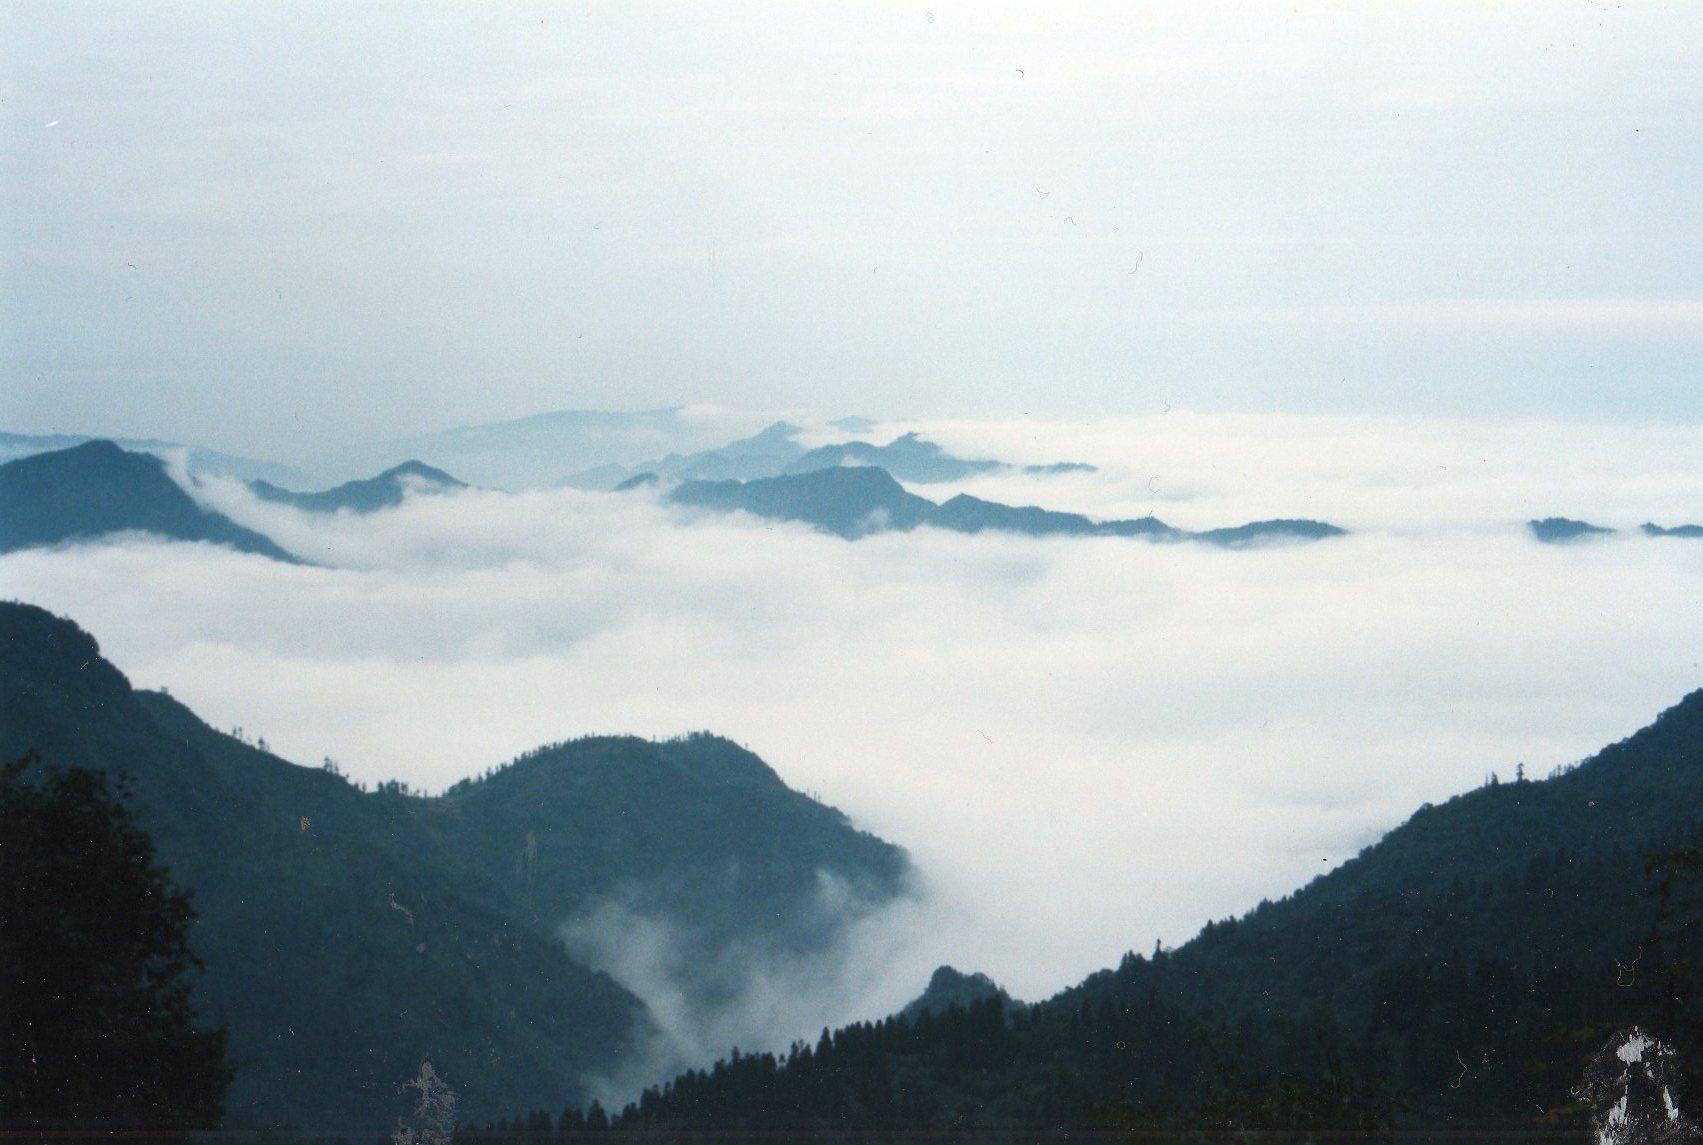 China Sichuan, Emei Shan, Sea of clouds, Walkopedia